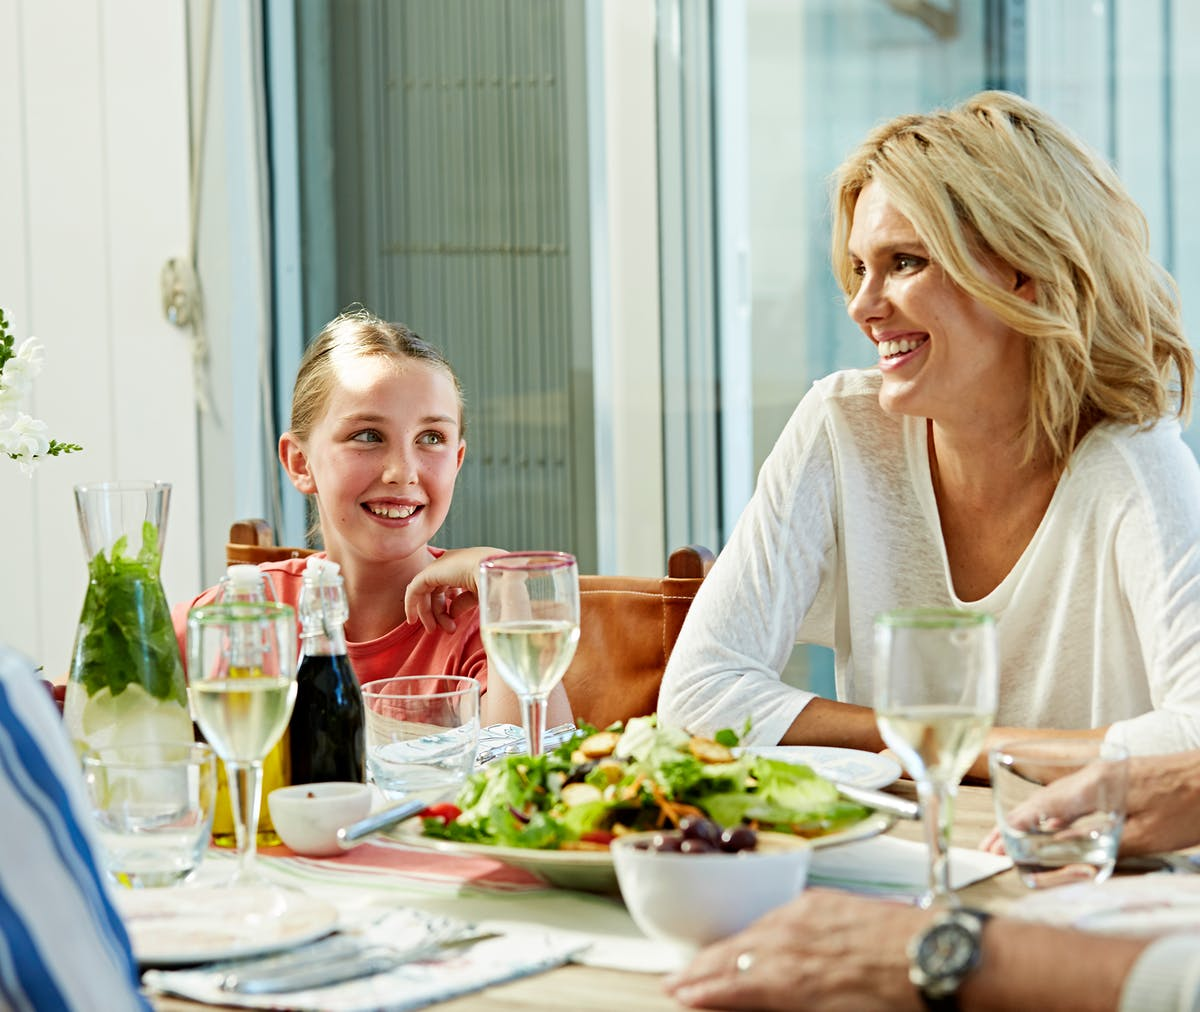 Comidas familiares low-carb y keto